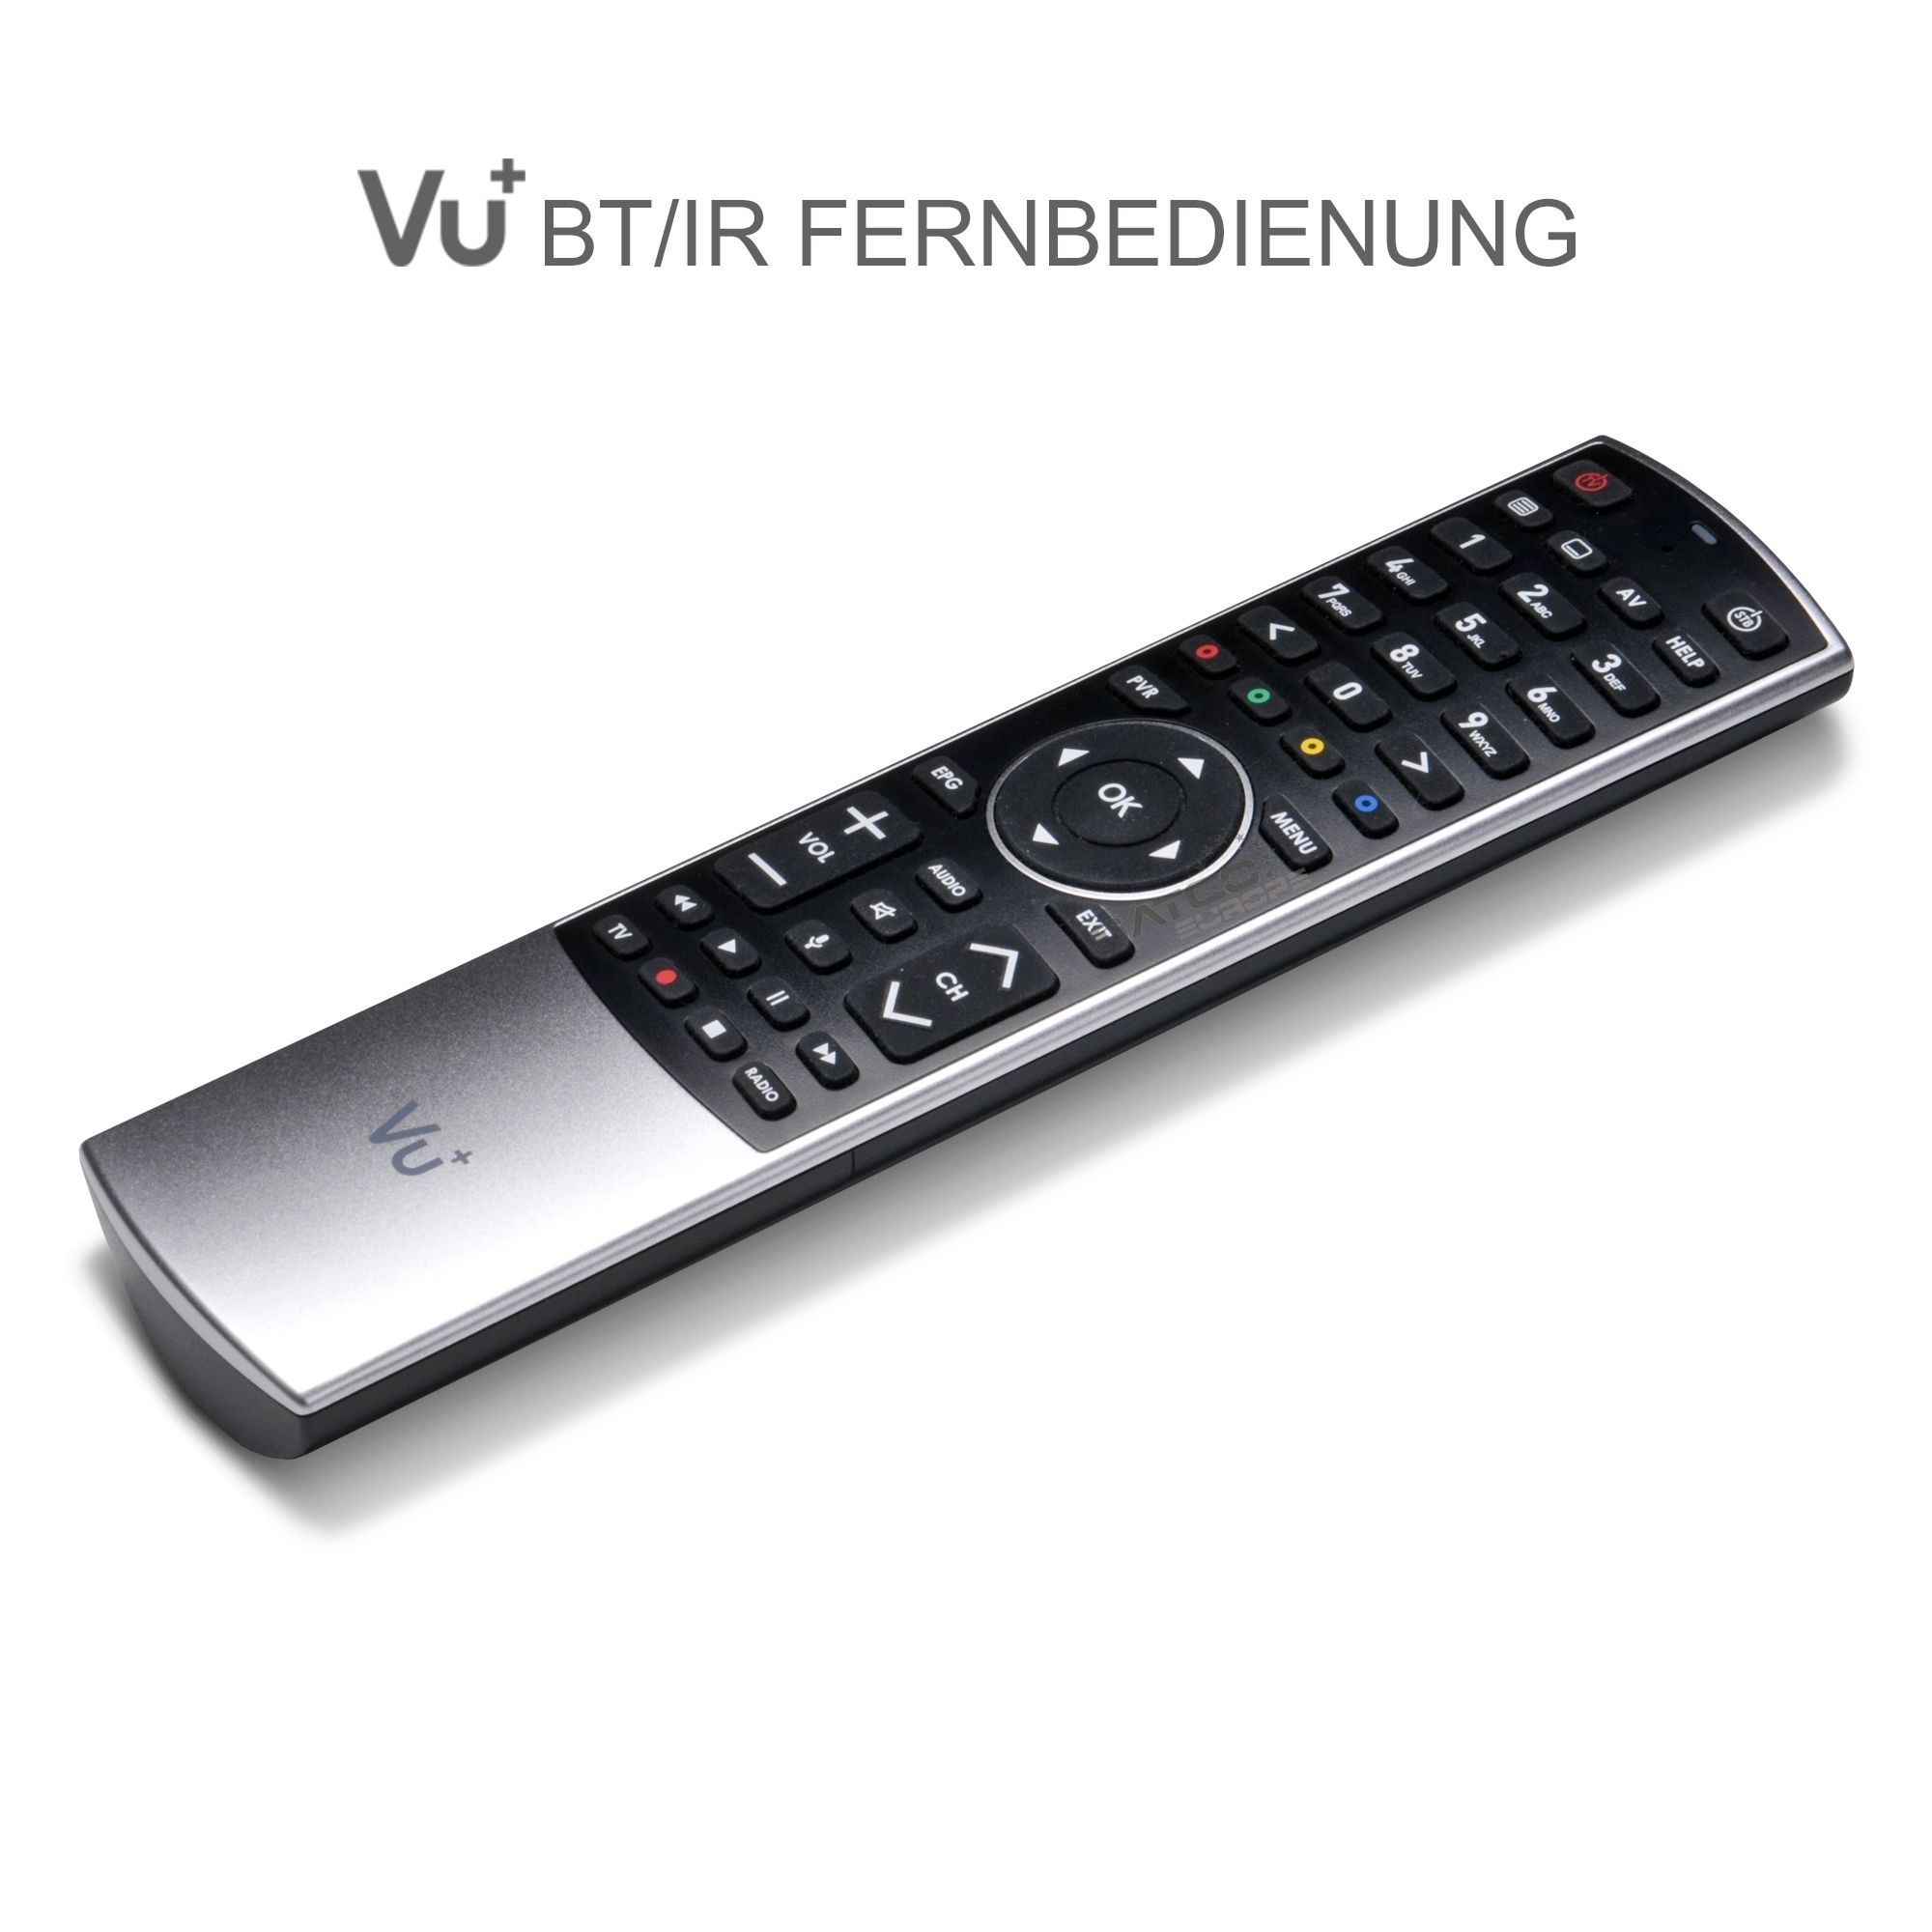 VU+ Fernbedienung BT/IR für alle VU+ Receiver